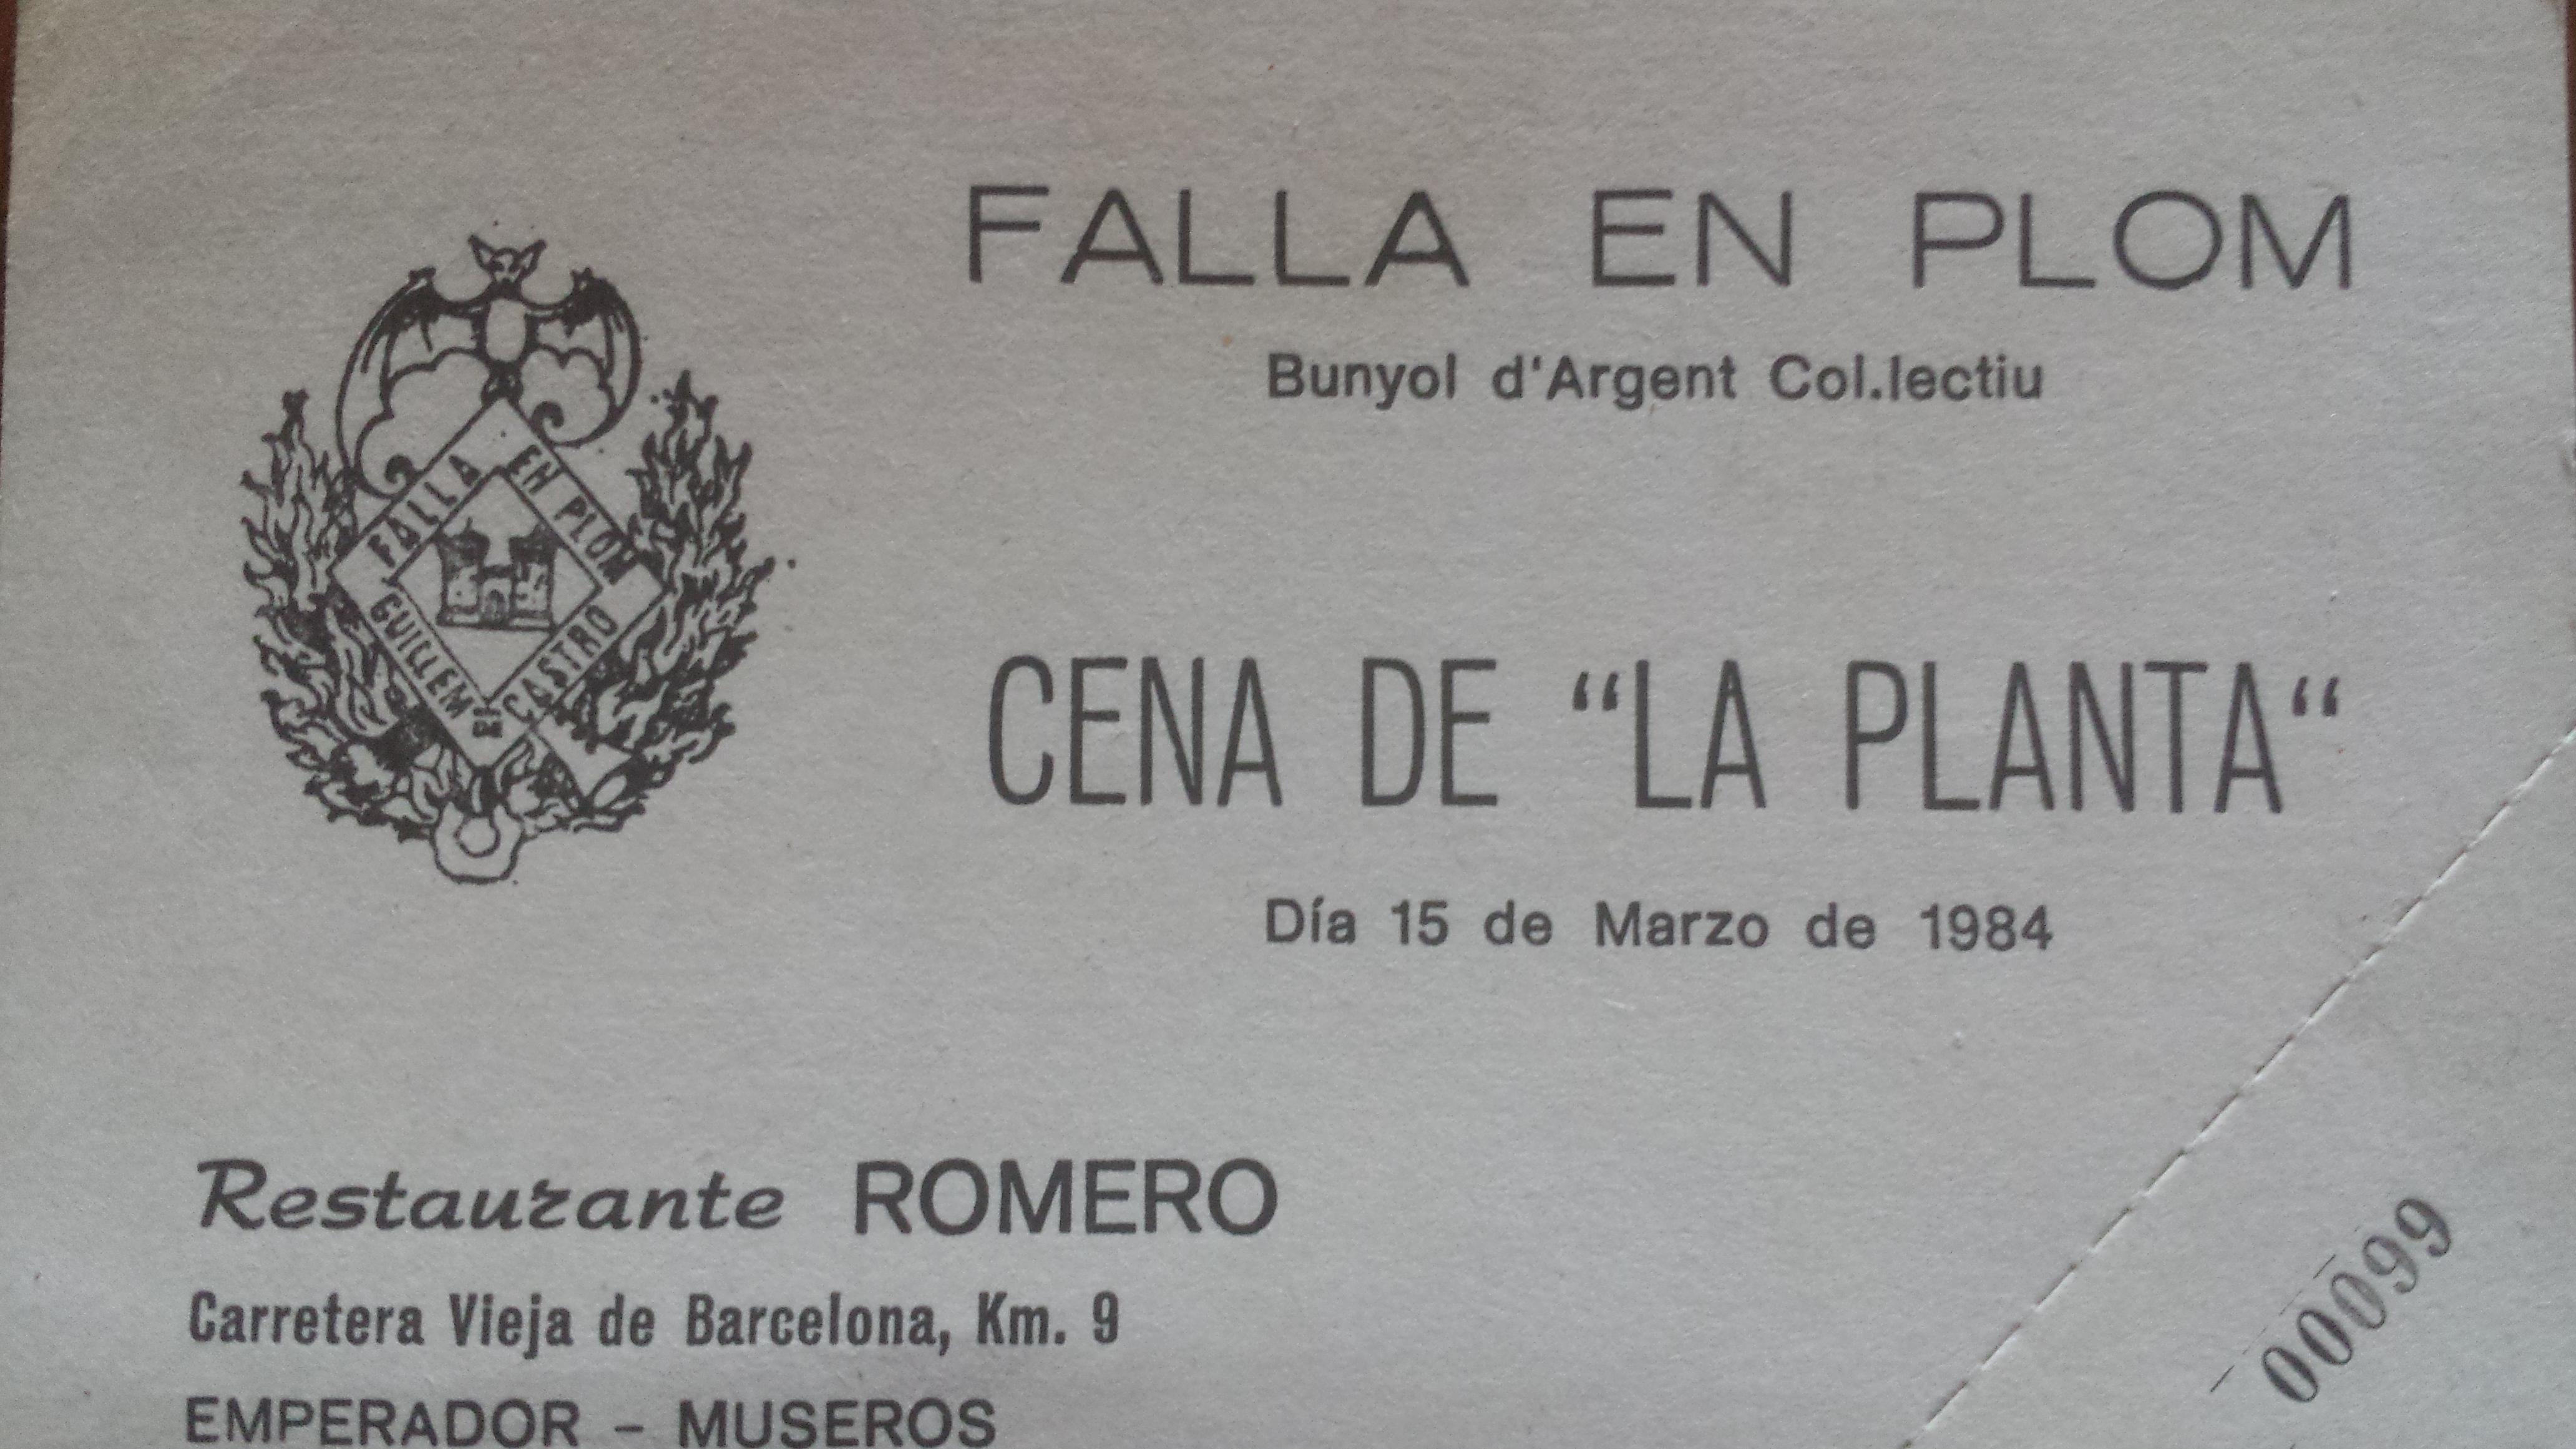 Ticket de la plantà 1984